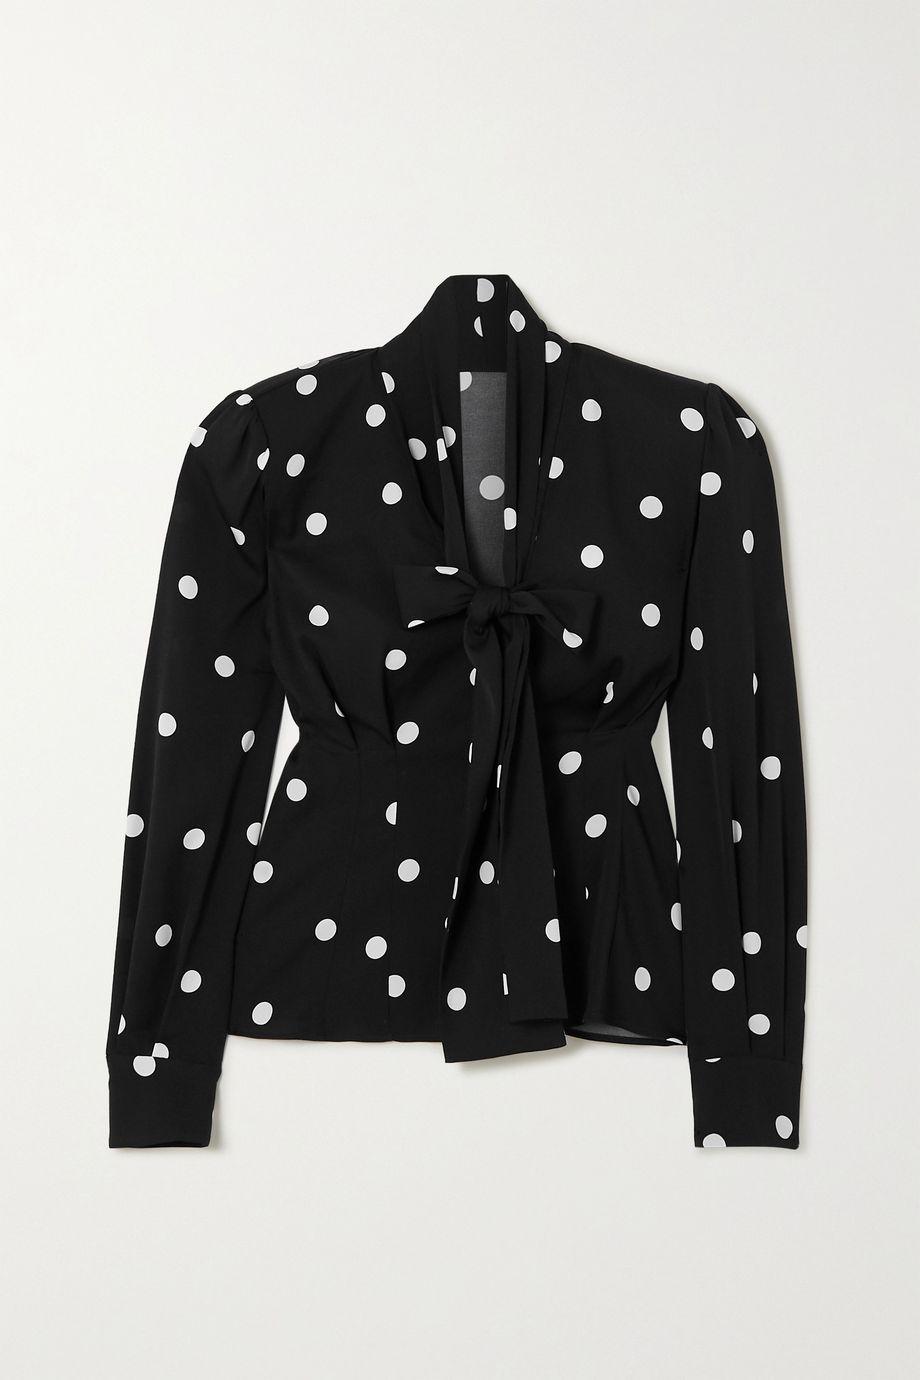 Dolce & Gabbana Schluppenbluse aus einer Seidenmischung mit Polka-Dots